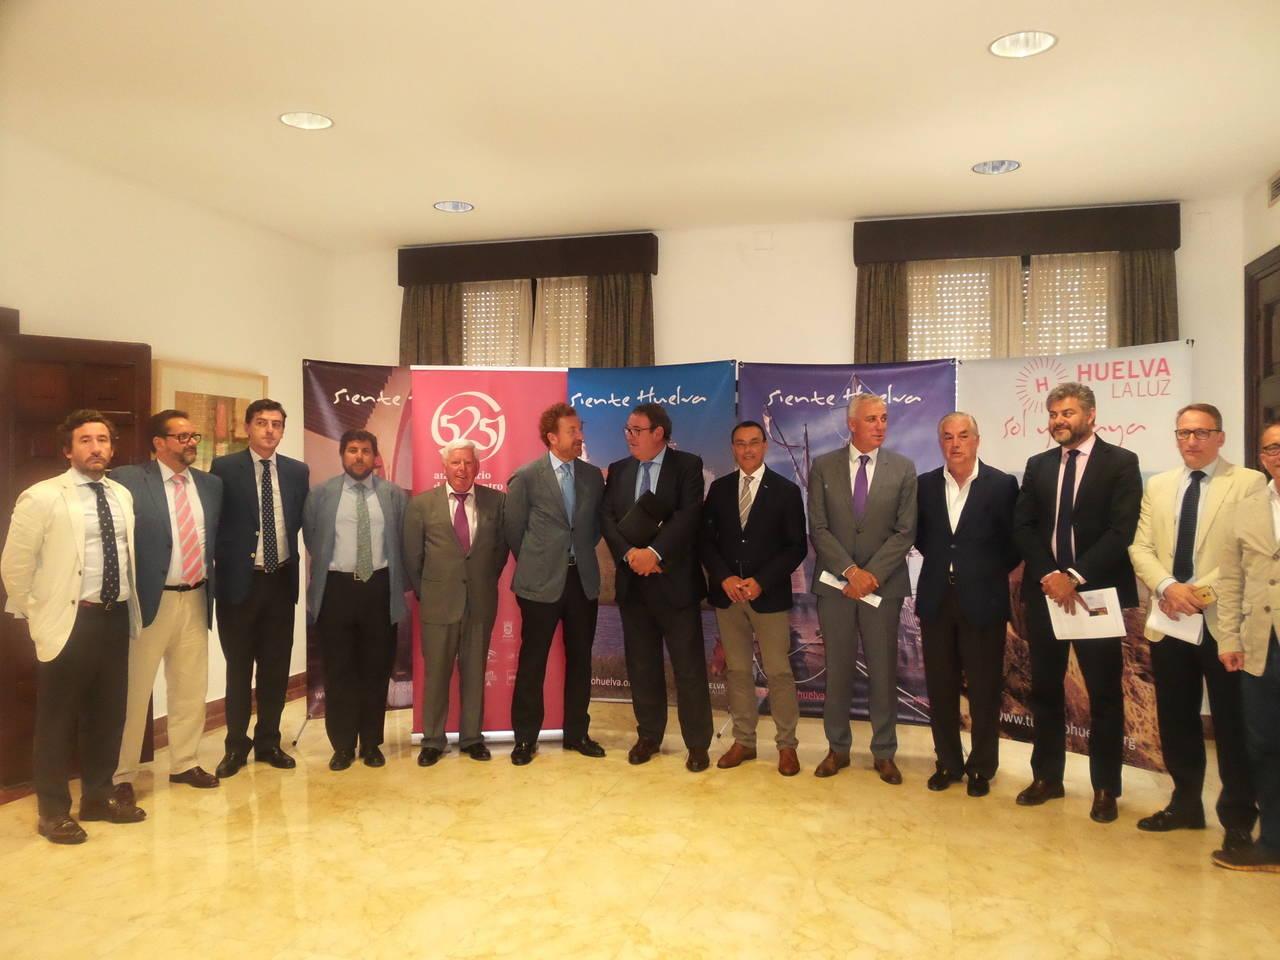 Empresarios de Huelva y CEHAT dabaten la coyuntura 'excepcional' del Sector